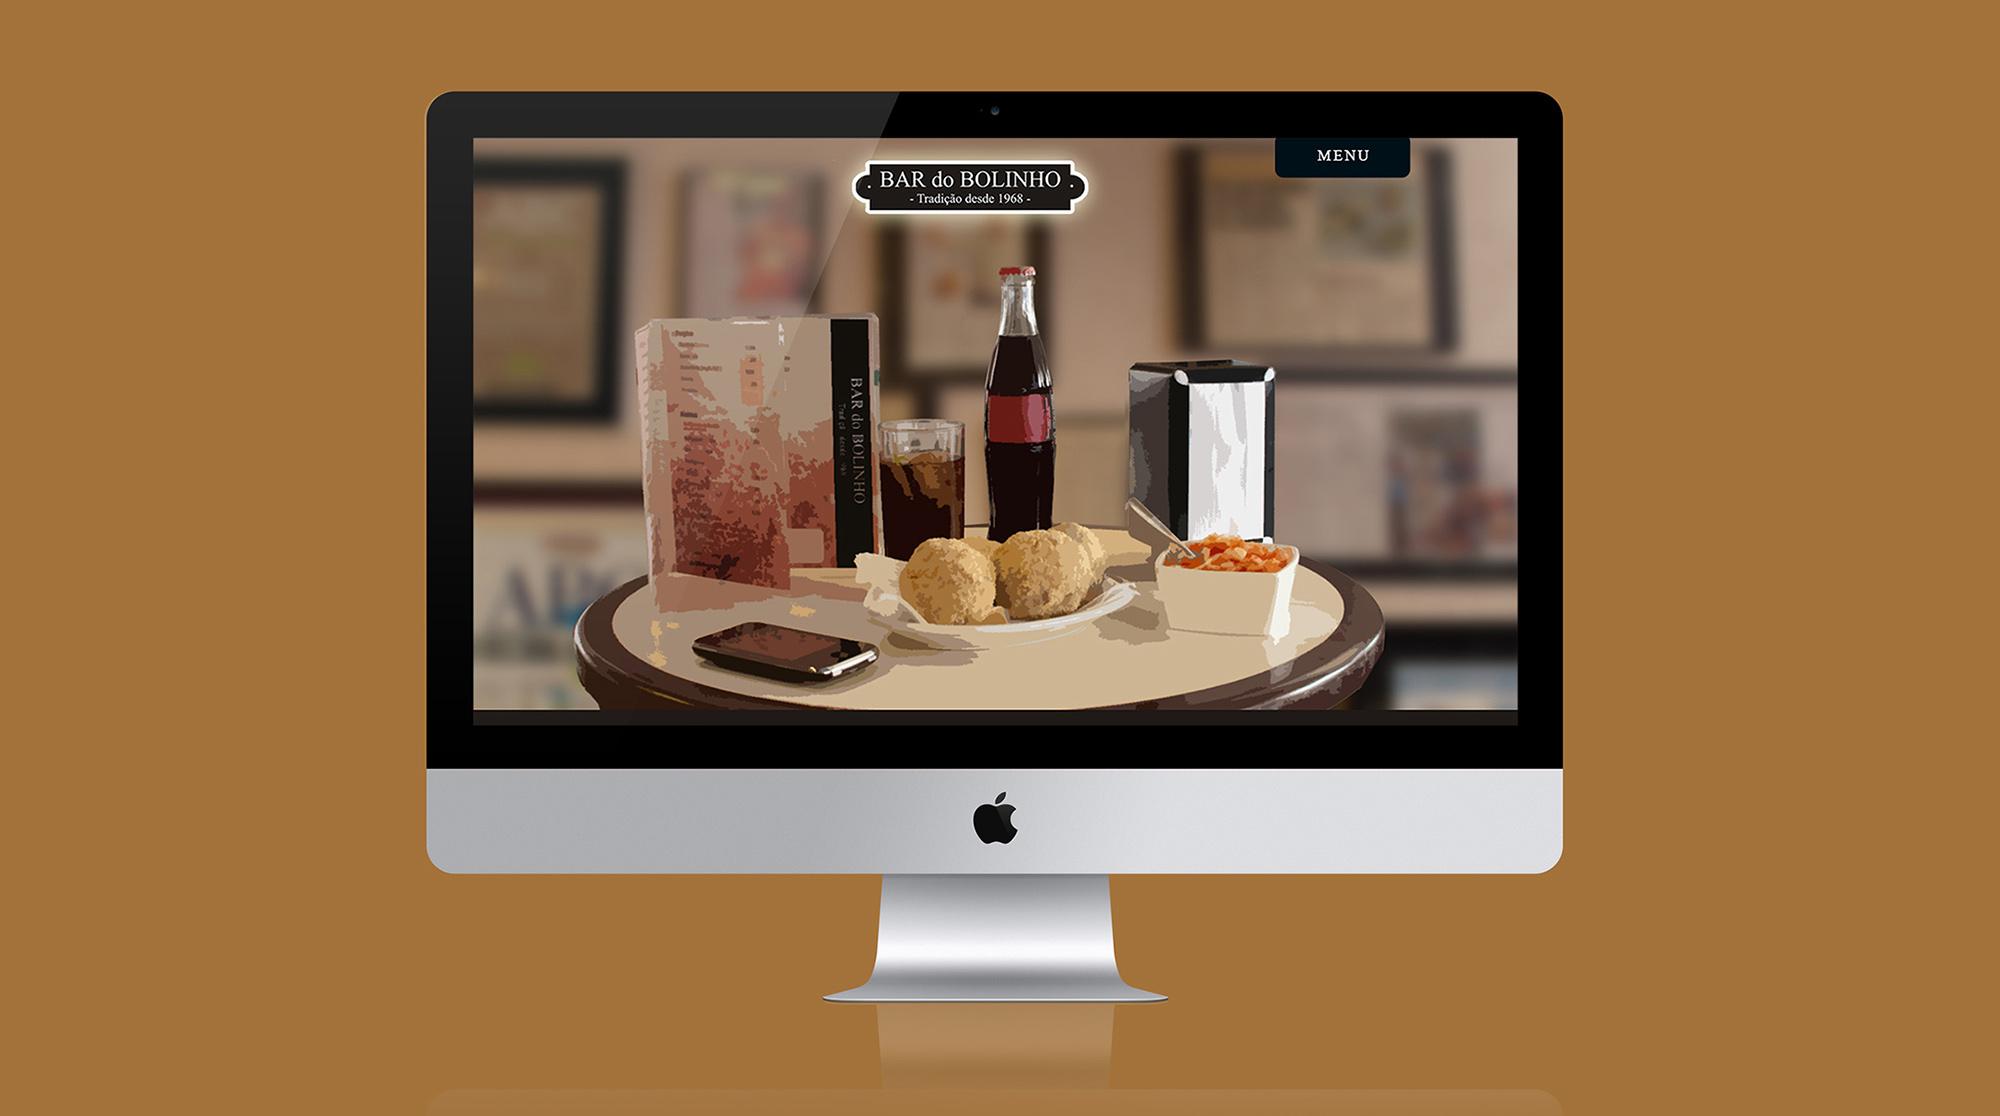 iMac-2012-big-bar-bolinho